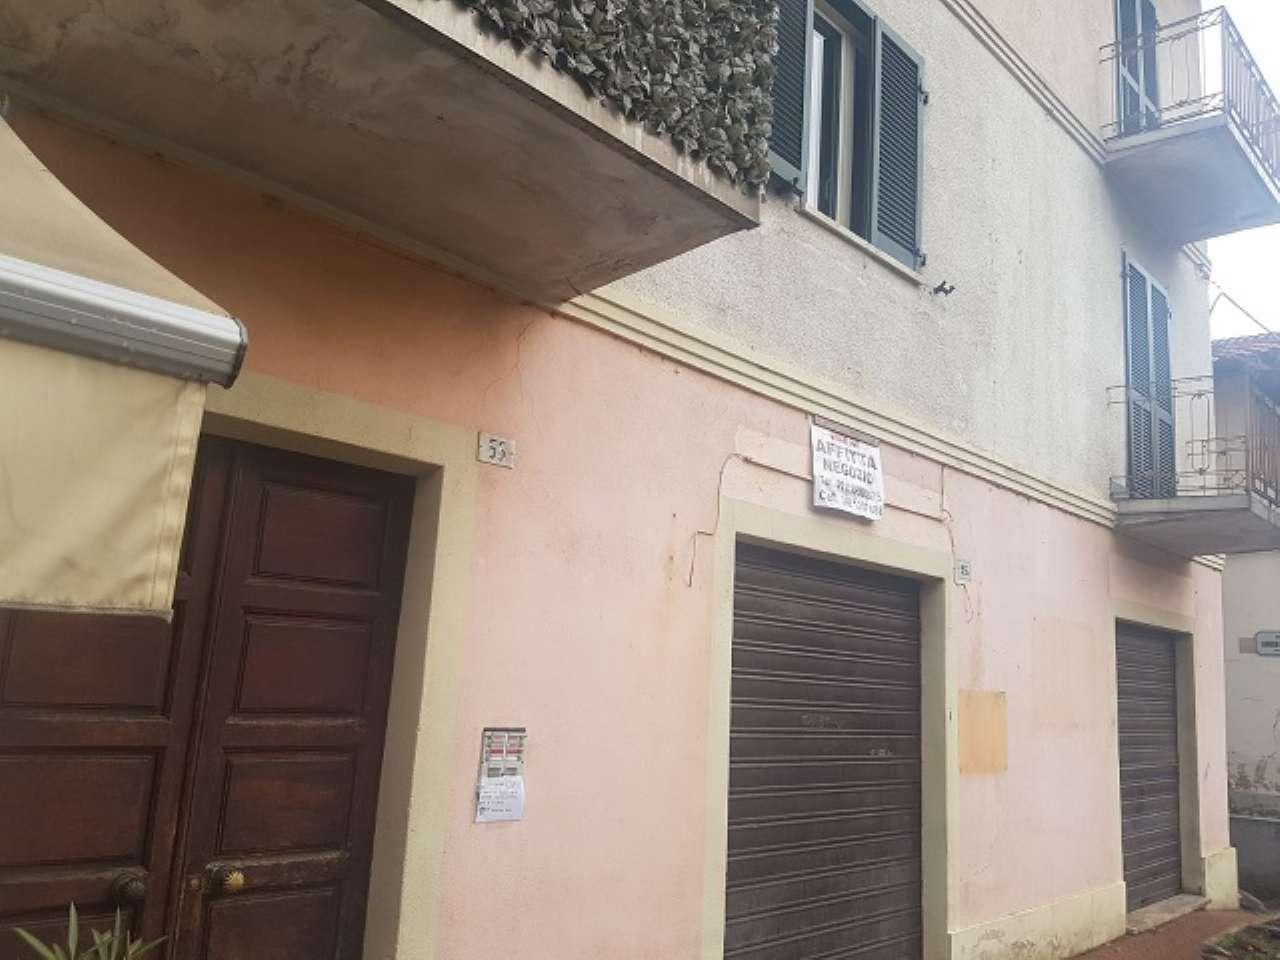 Negozio in Affitto a Pecetto Torinese